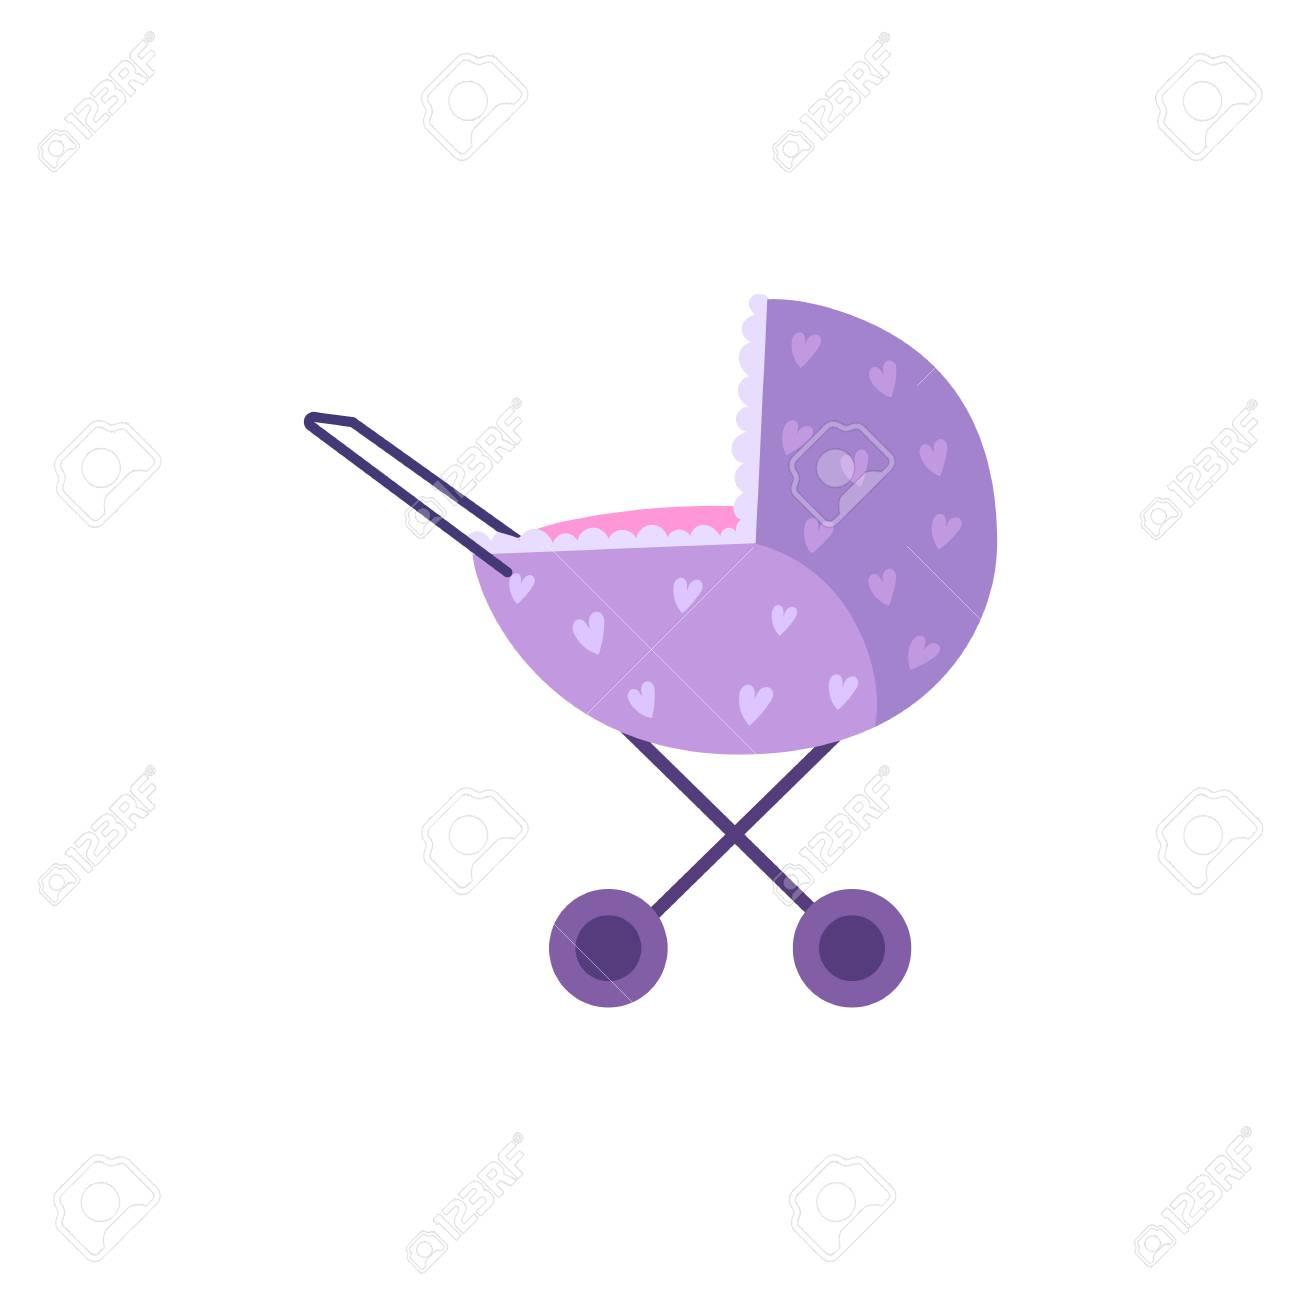 Vector de dibujos animados cochecito de bebé o cochecito, cochecito de niño de color morado perambulator. Ilustración aislada en un fondo blanco.